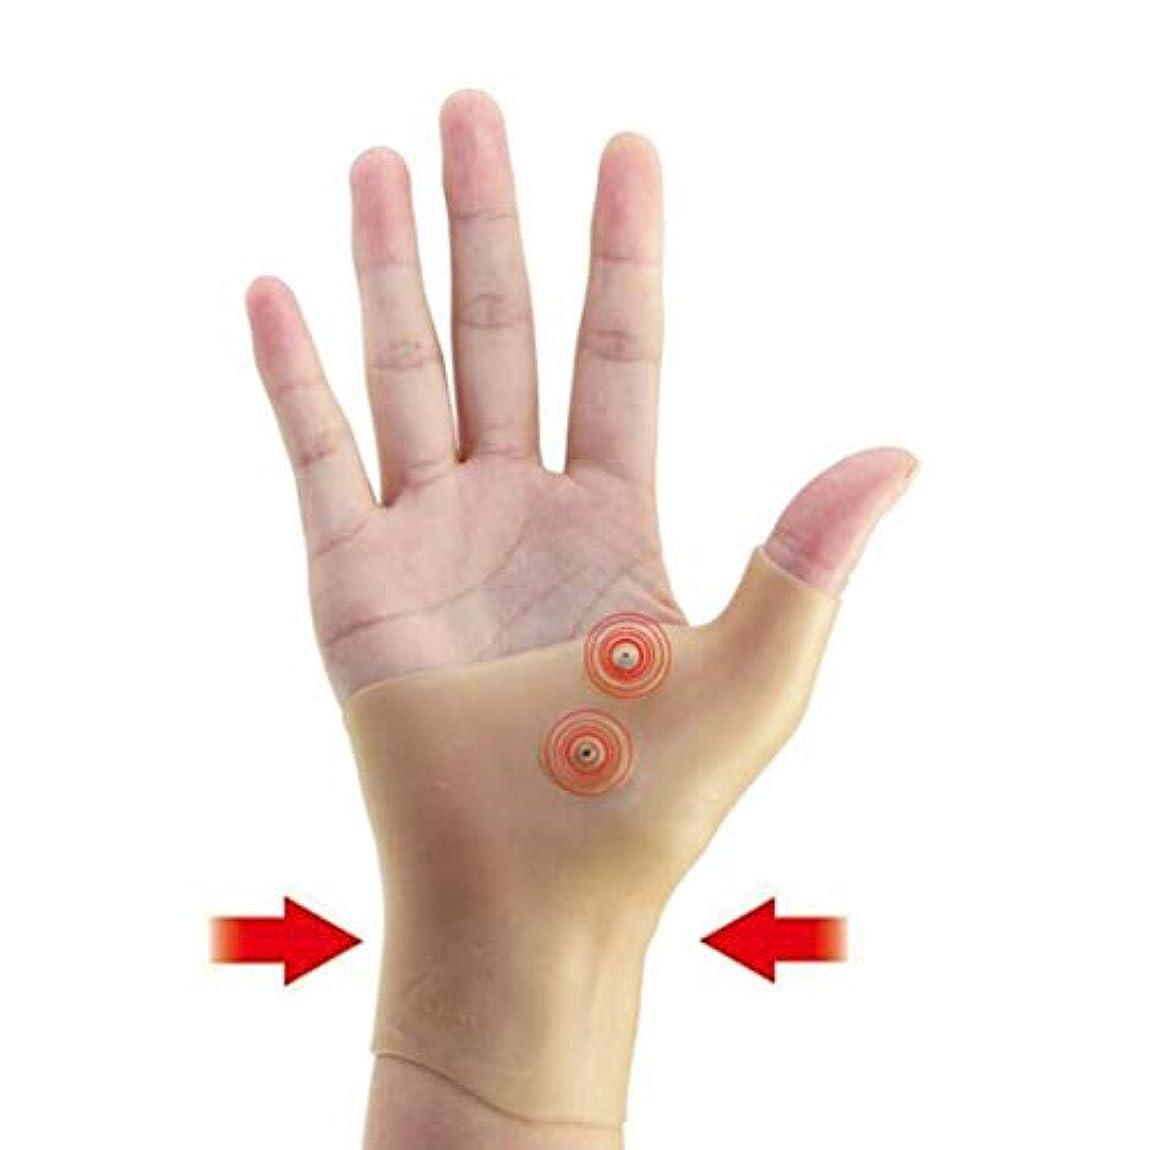 サーバント固執屈辱する磁気療法手首手親指サポート手袋シリコーンゲル関節炎圧力矯正器マッサージ痛み緩和手袋 - 肌の色